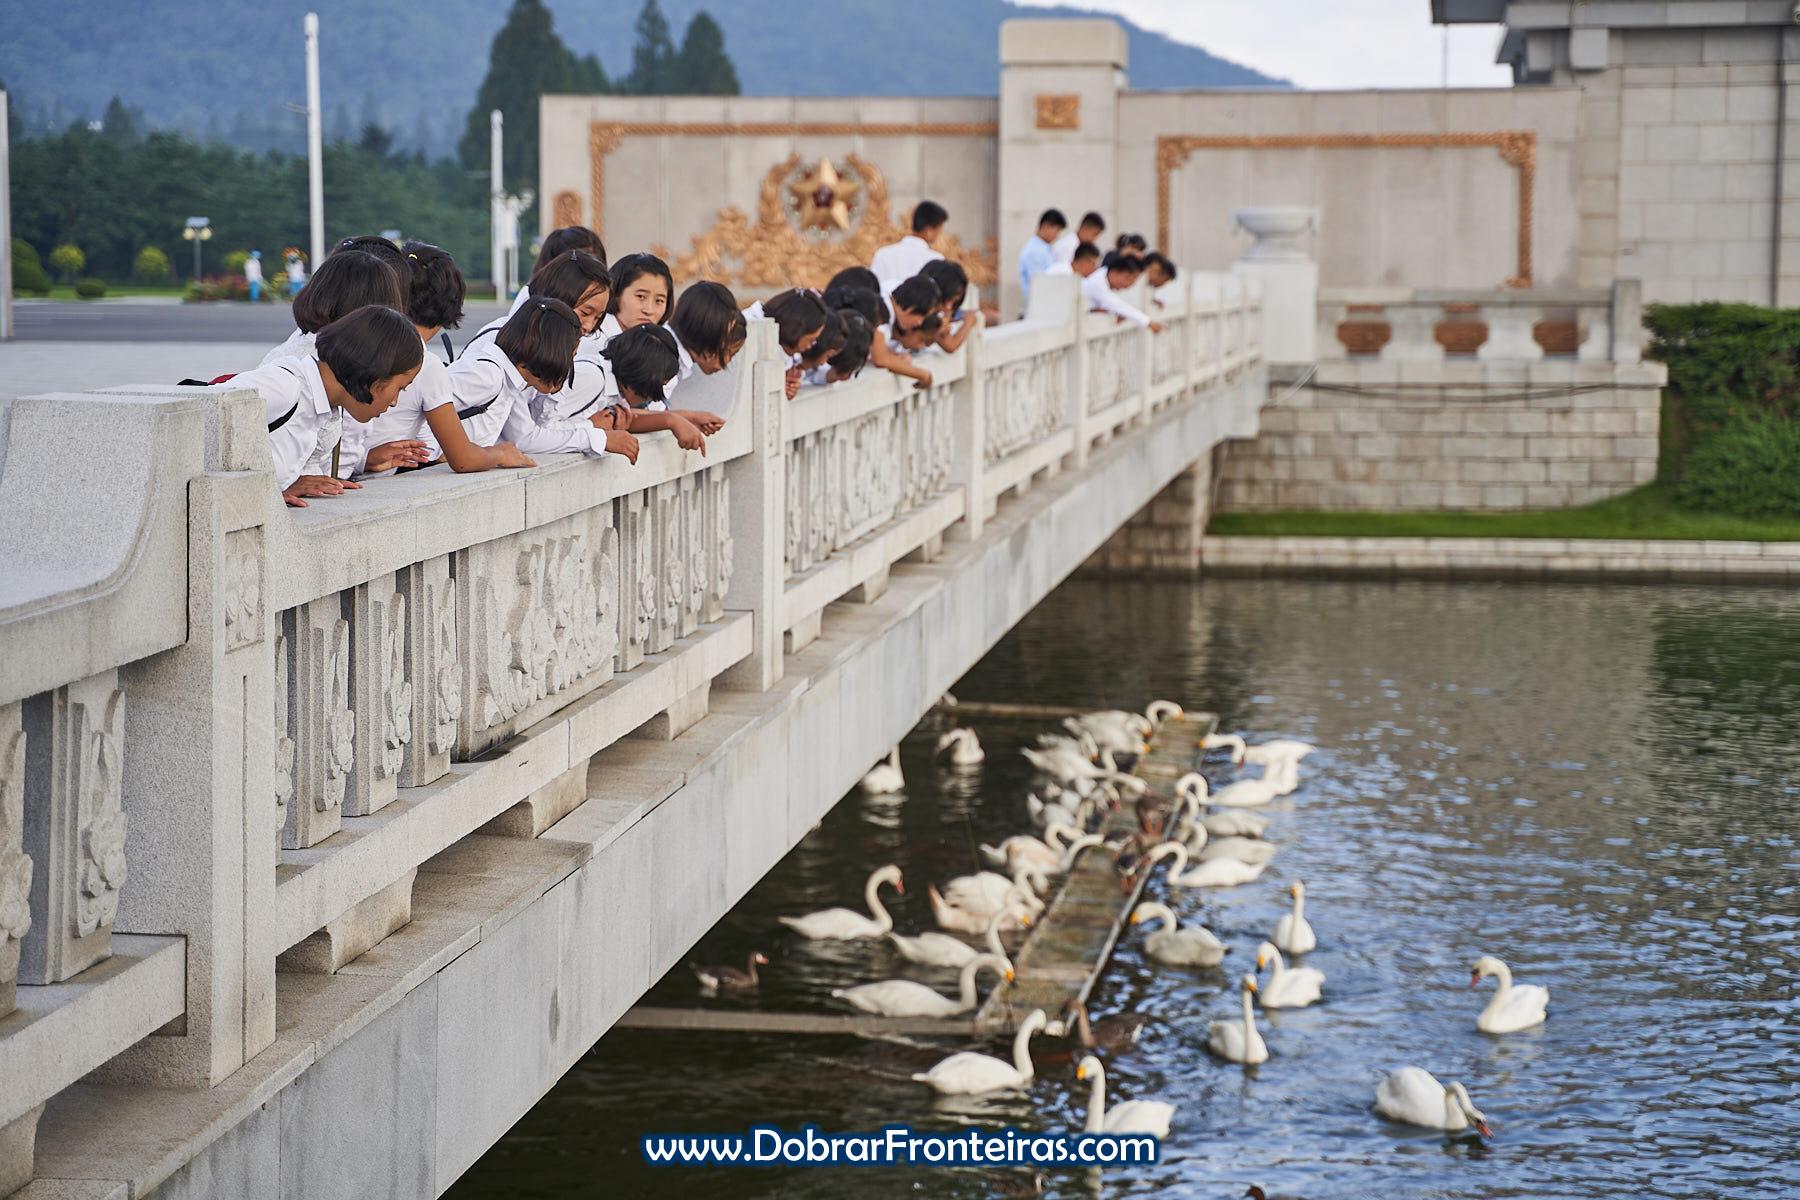 raparigas sobre ponte a dar comida a cisnes